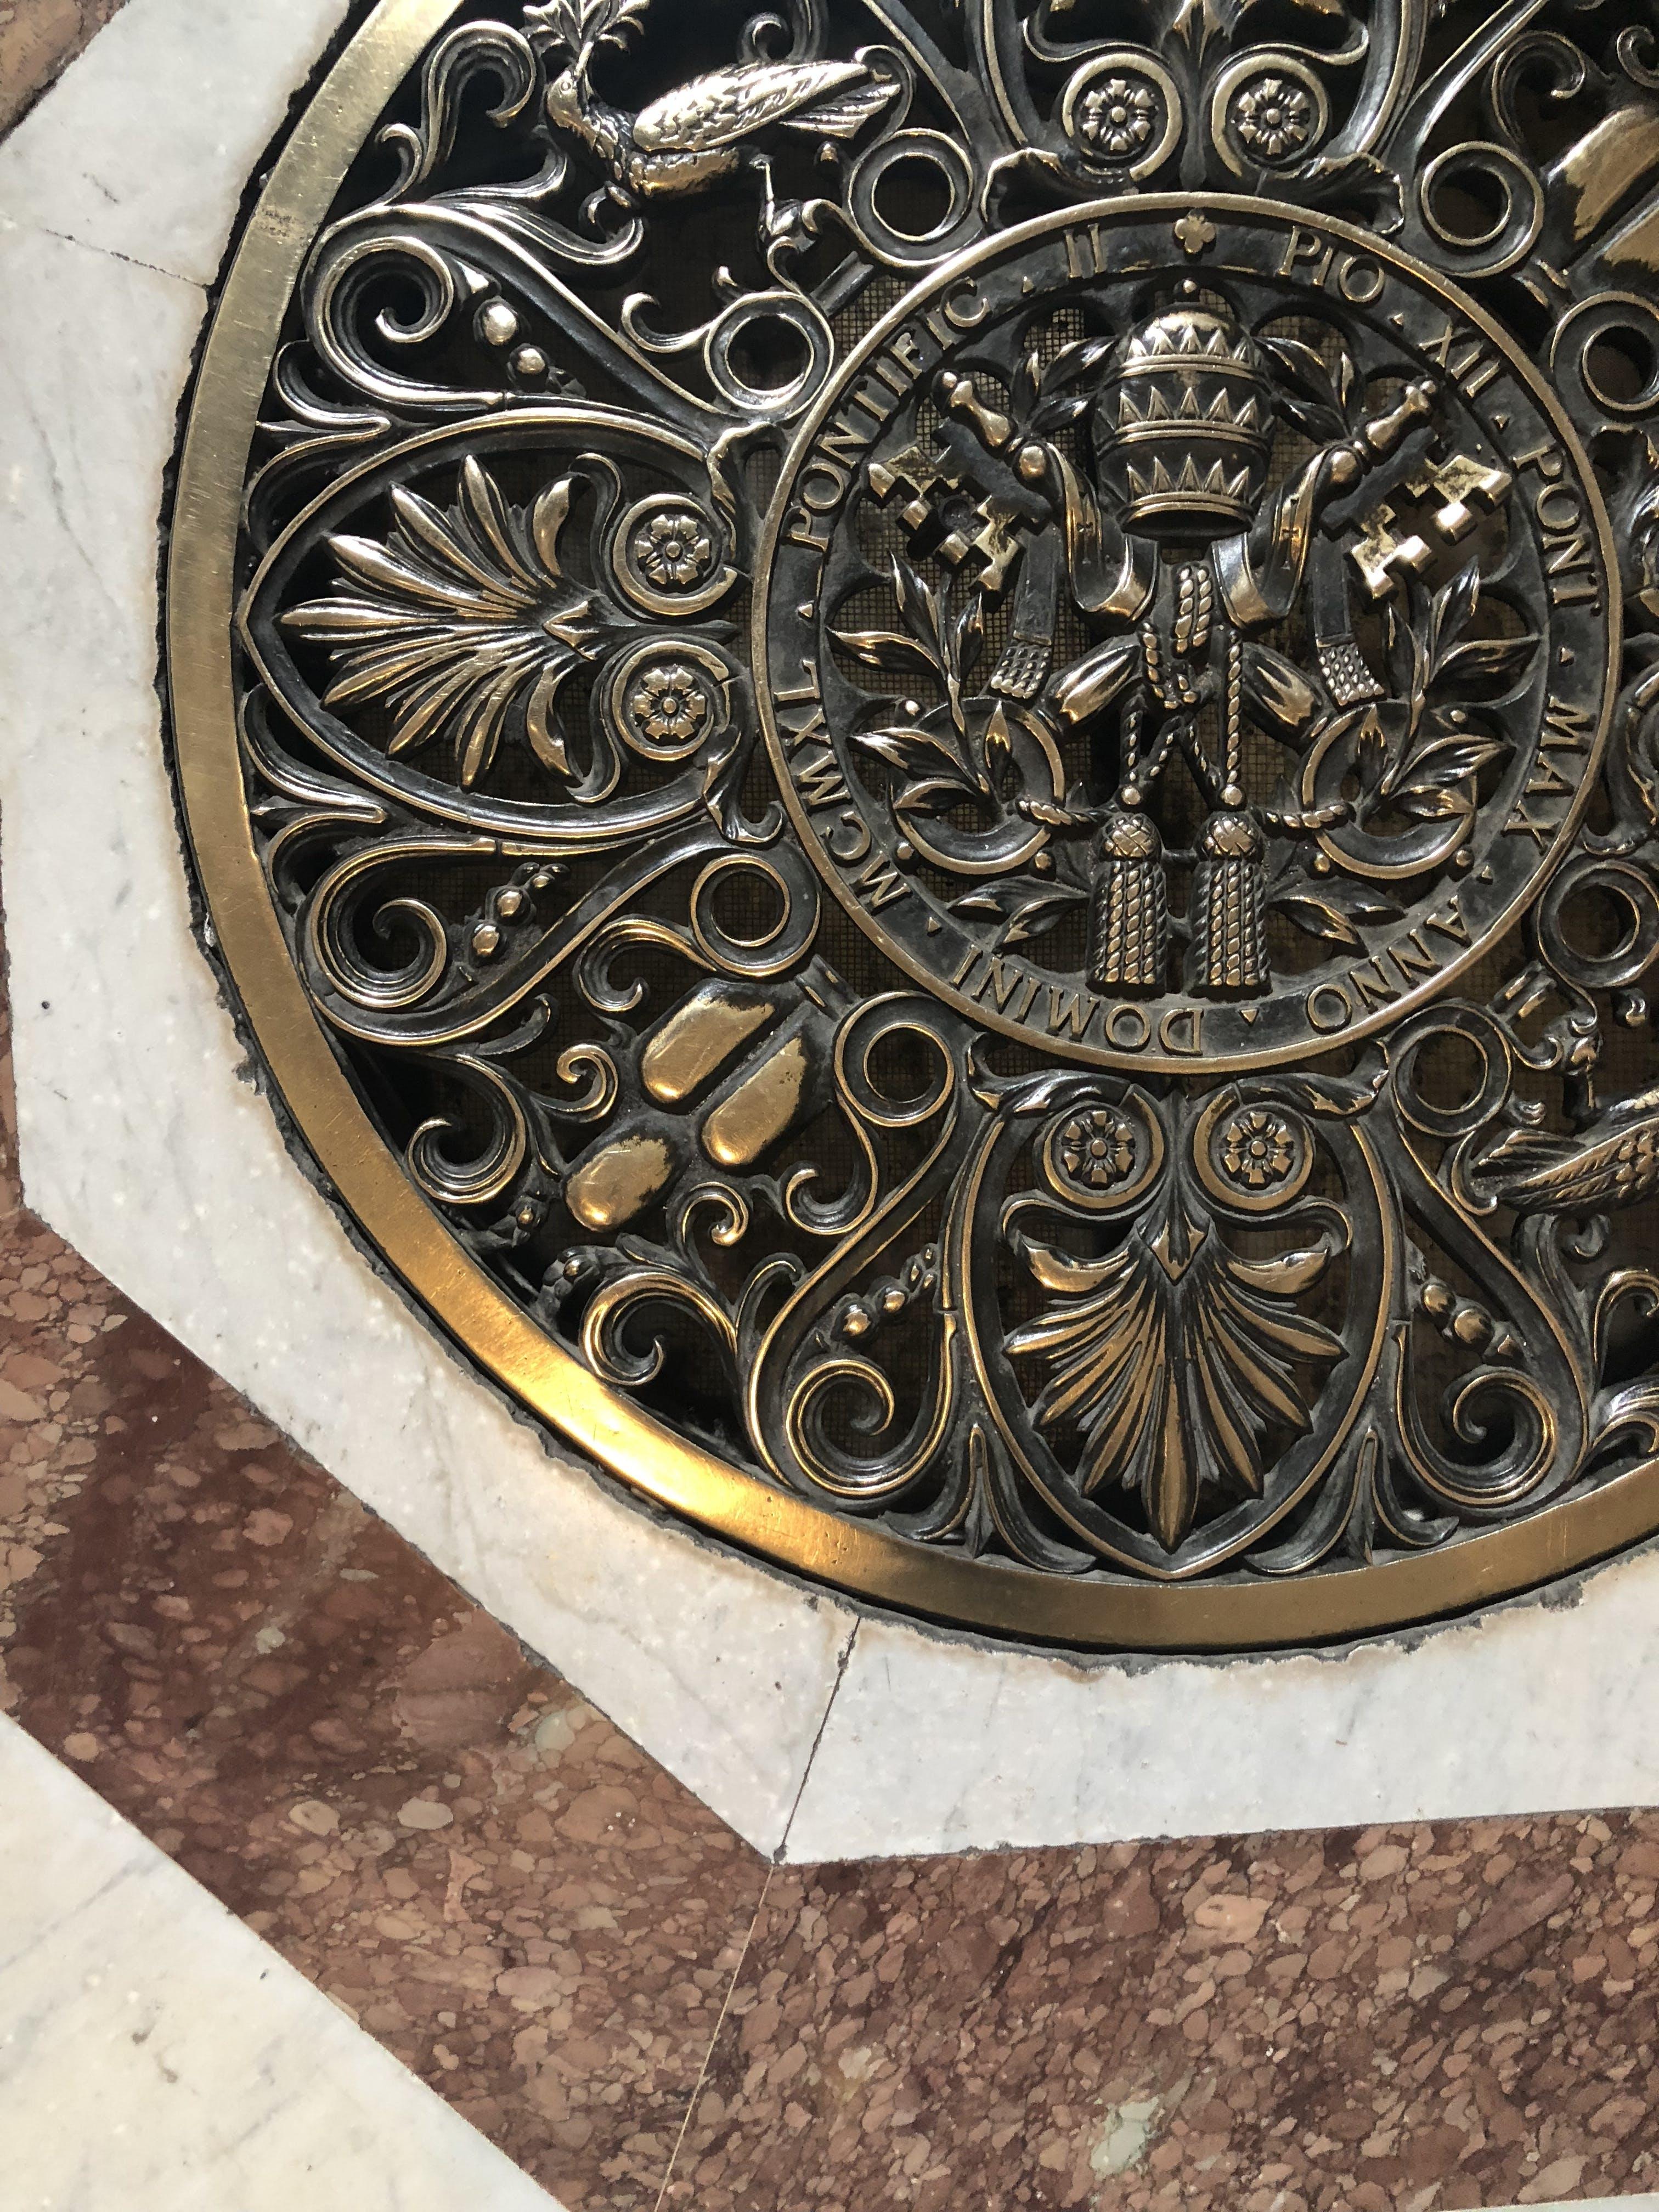 Fotos de stock gratuitas de arte metal, basilica de san pedro, mobilechallenge, museo del vaticano